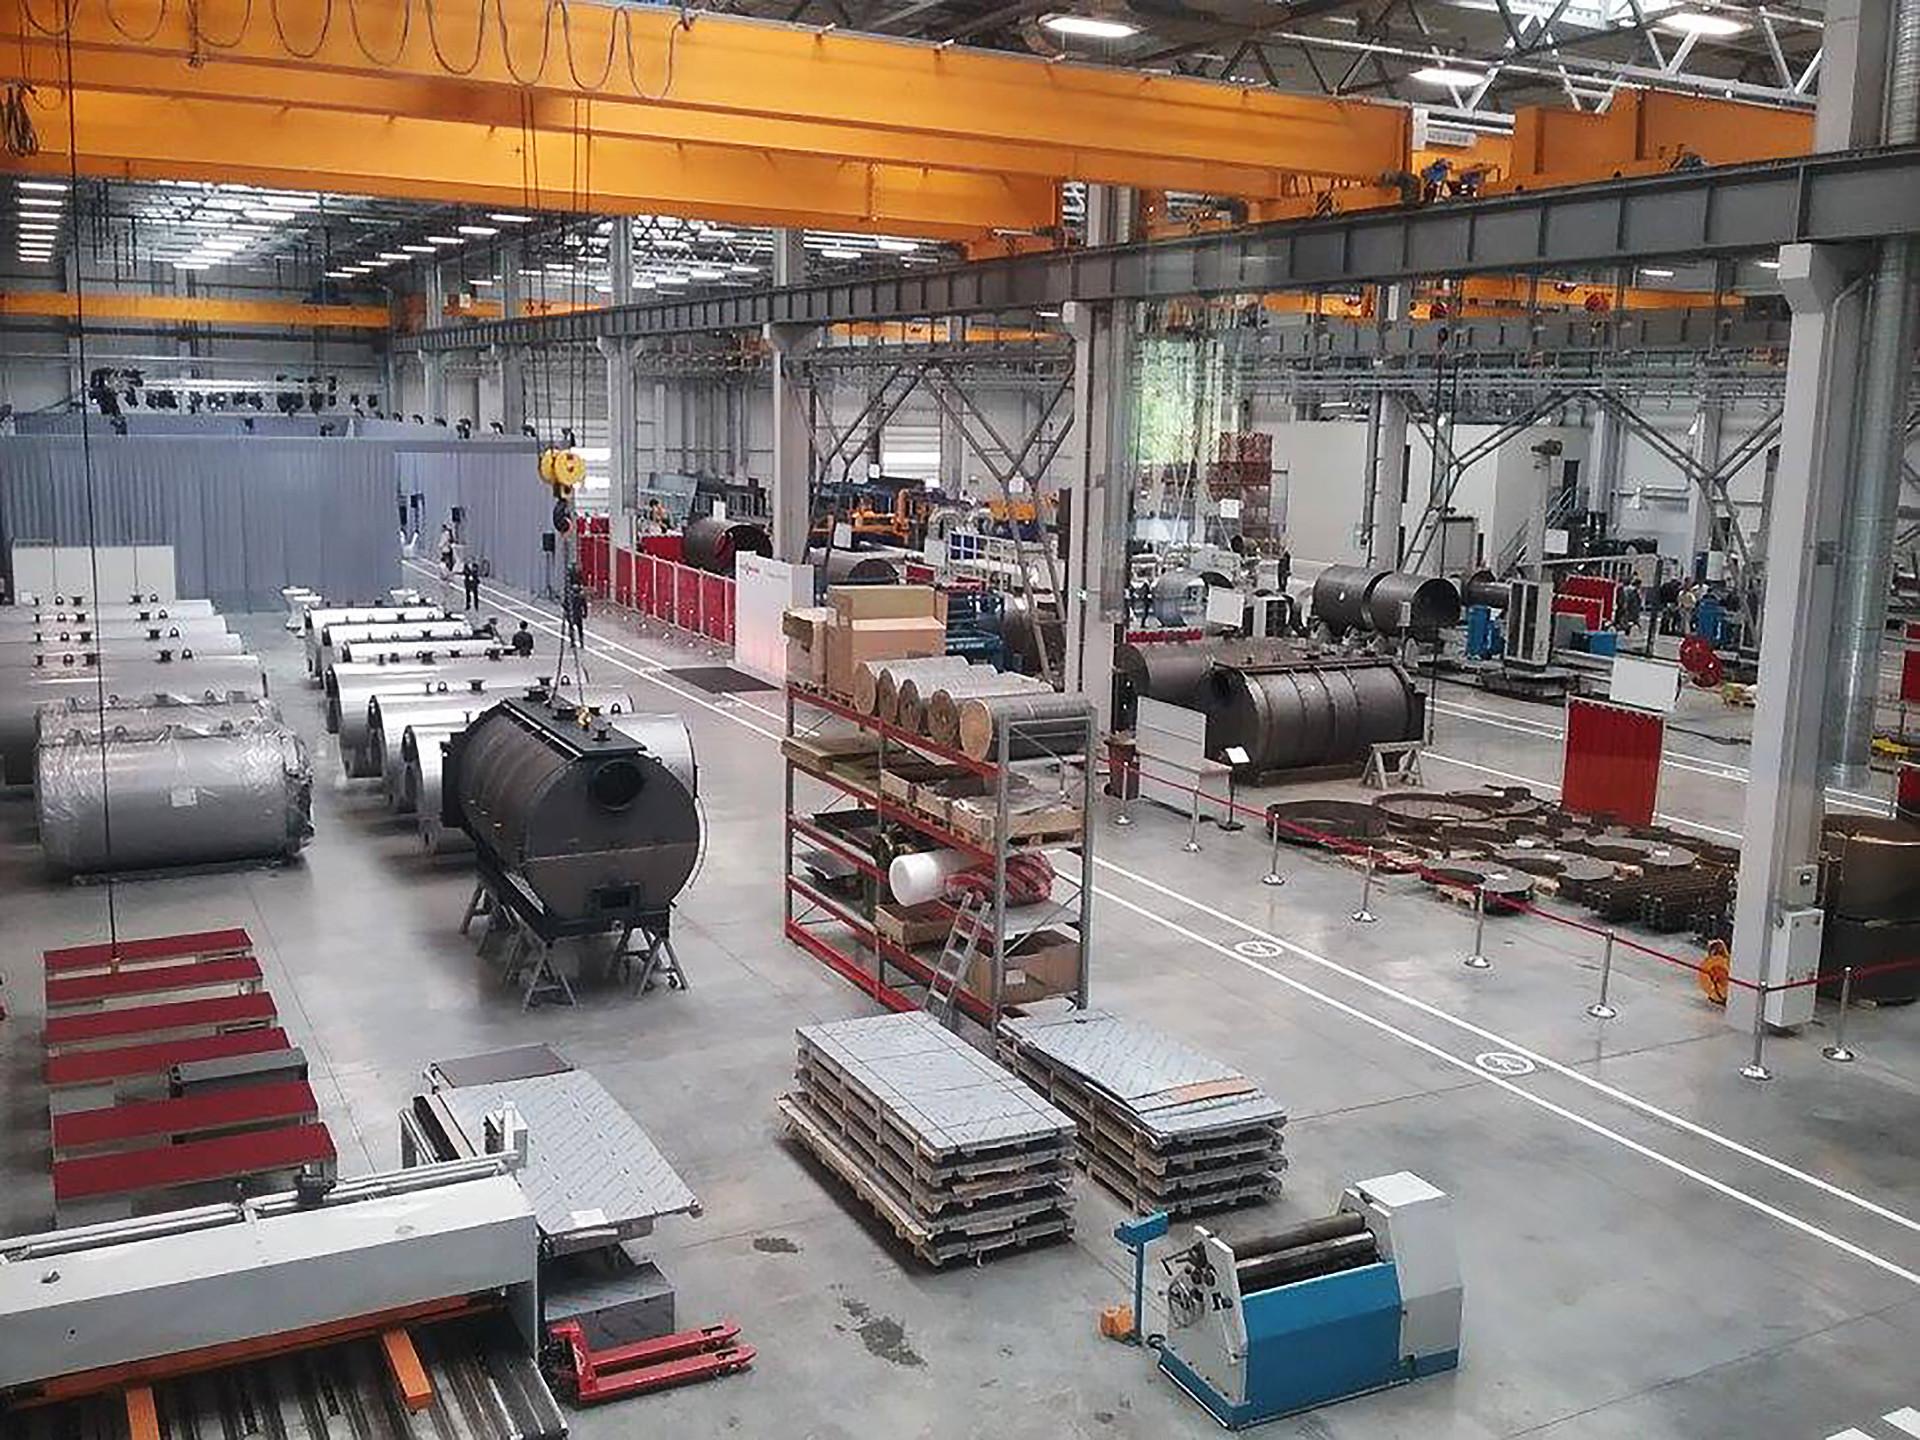 Empresa alemã de aquecimento Viesmann abriu oficialmente uma fábrica na Rússia, que custou quase US$ 17 milhões.